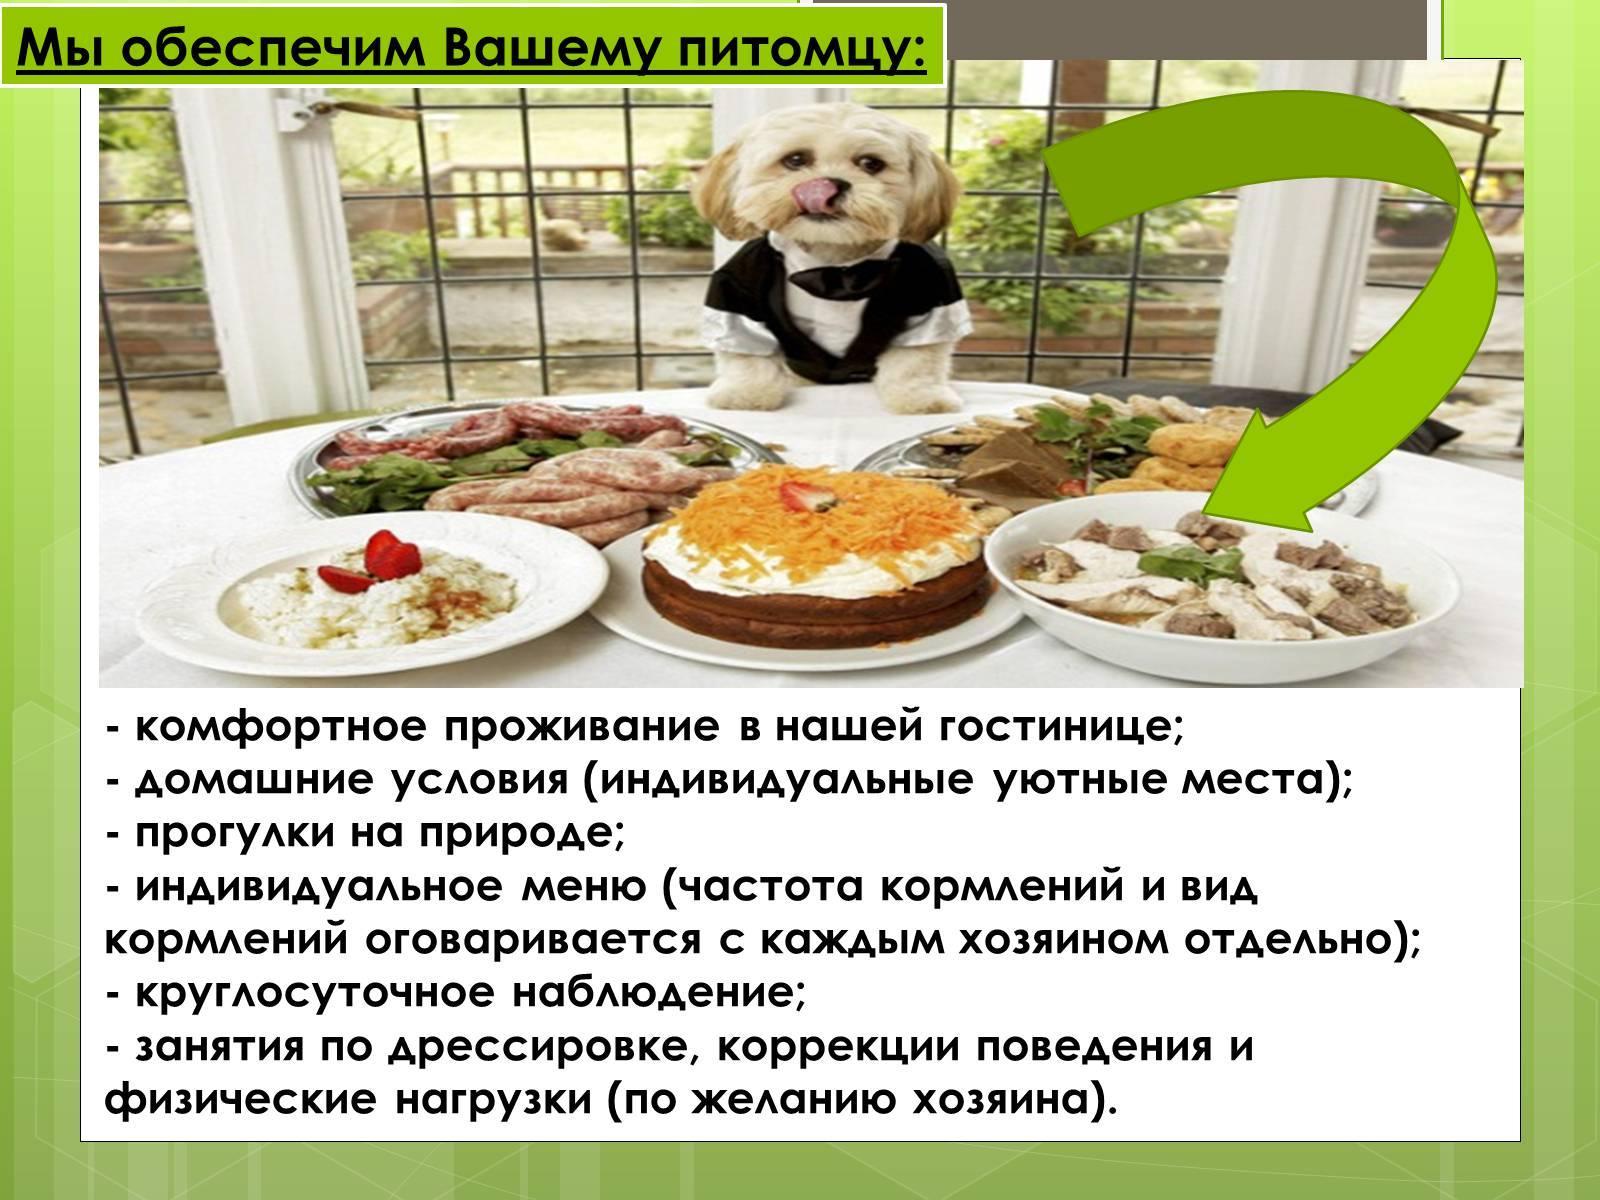 Гостиница для домашних животных